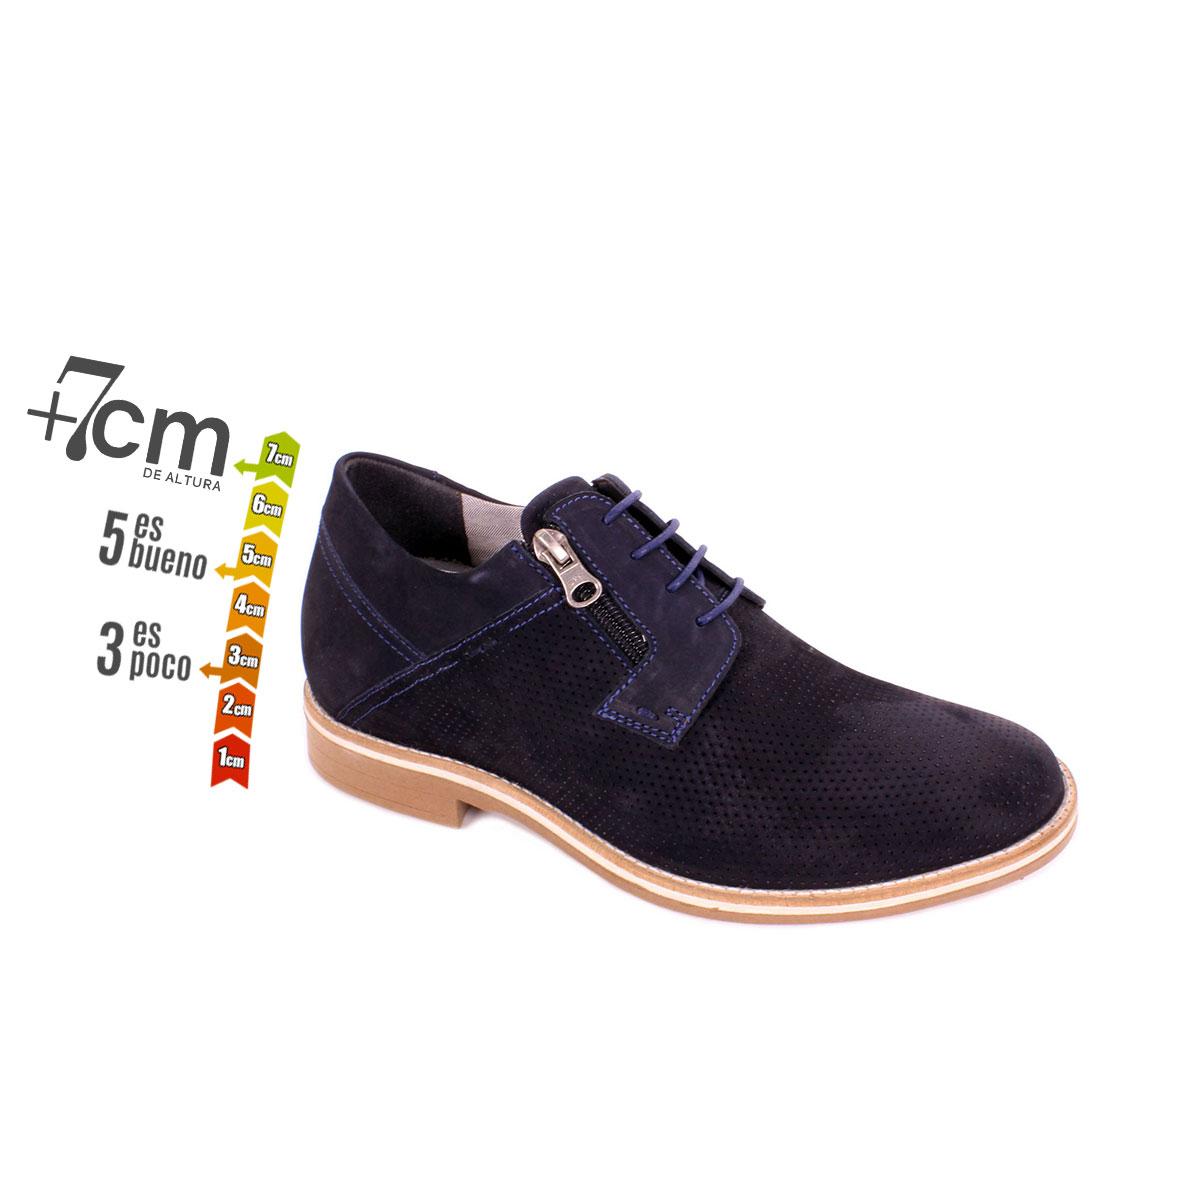 Zapato Casual Break Azul Max Denegri +7cm de Altura_74104